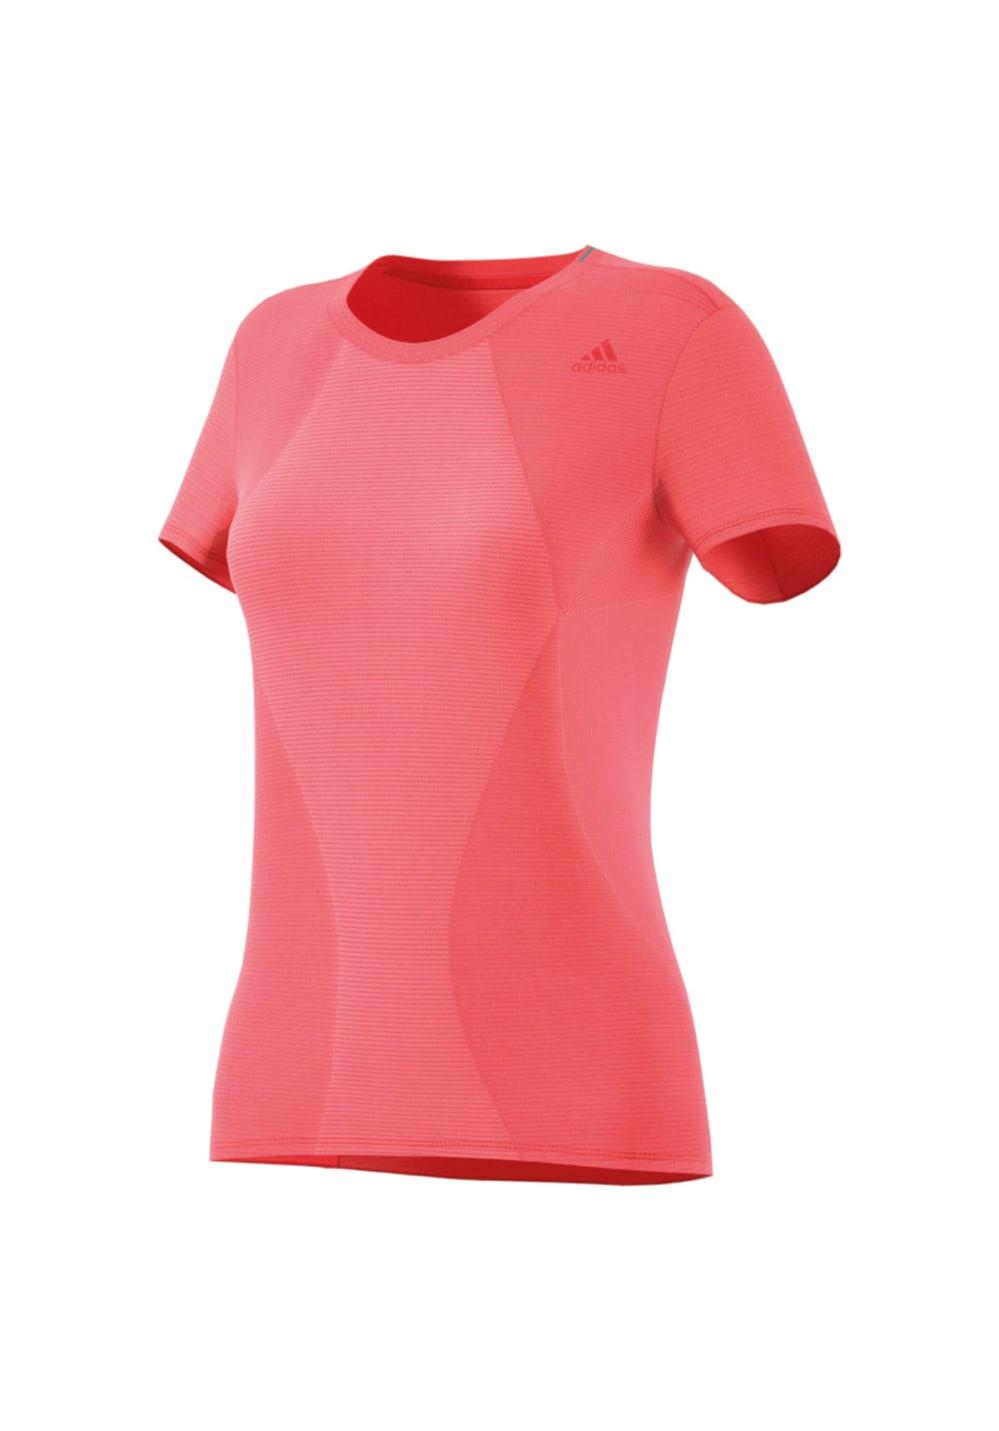 adidas Supernova Tee - Laufshirts für Damen - Rot, Gr. XS